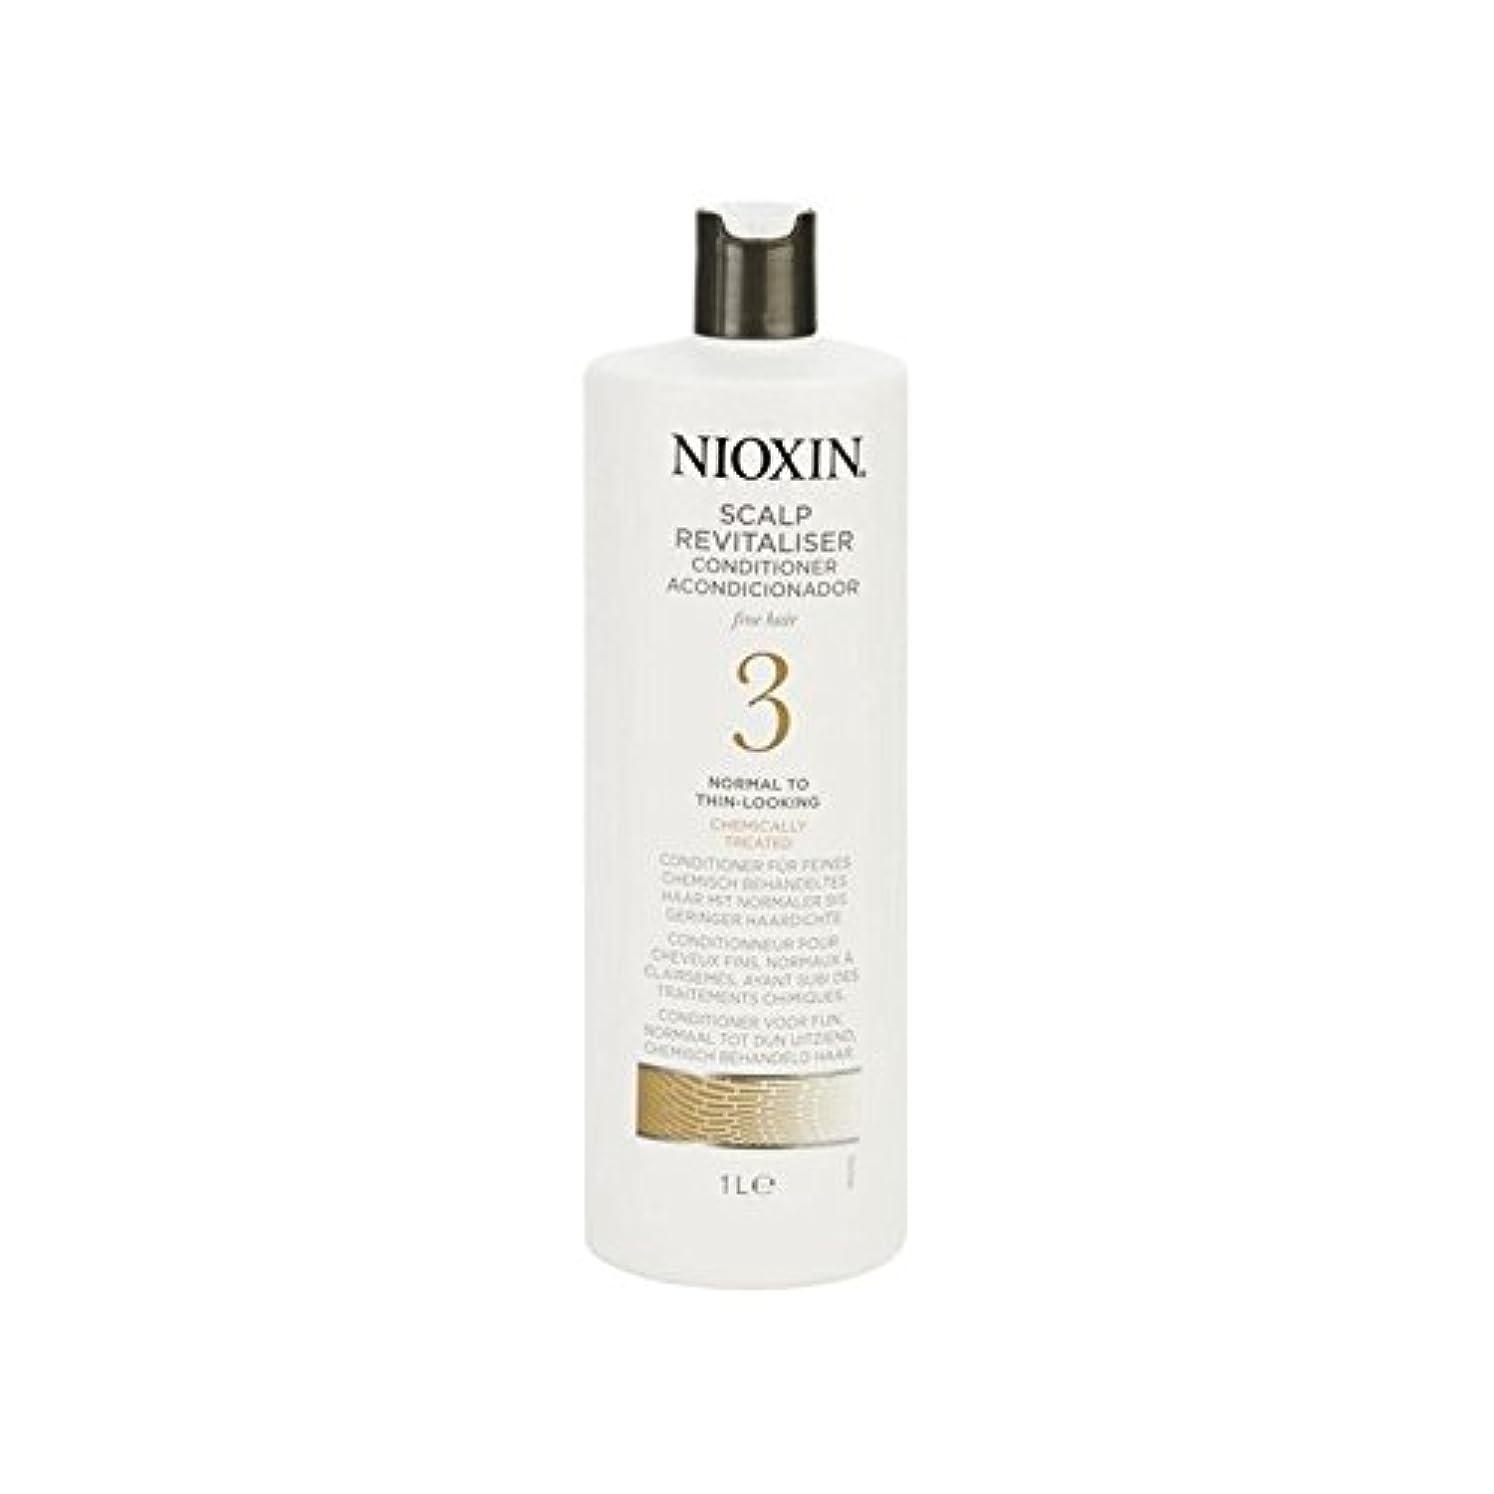 叙情的な他に視線Nioxin System 3 Scalp Revitaliser Conditioner For Fine, Normal To Thin, Chemically Treated Hair 1000ml (Pack of...